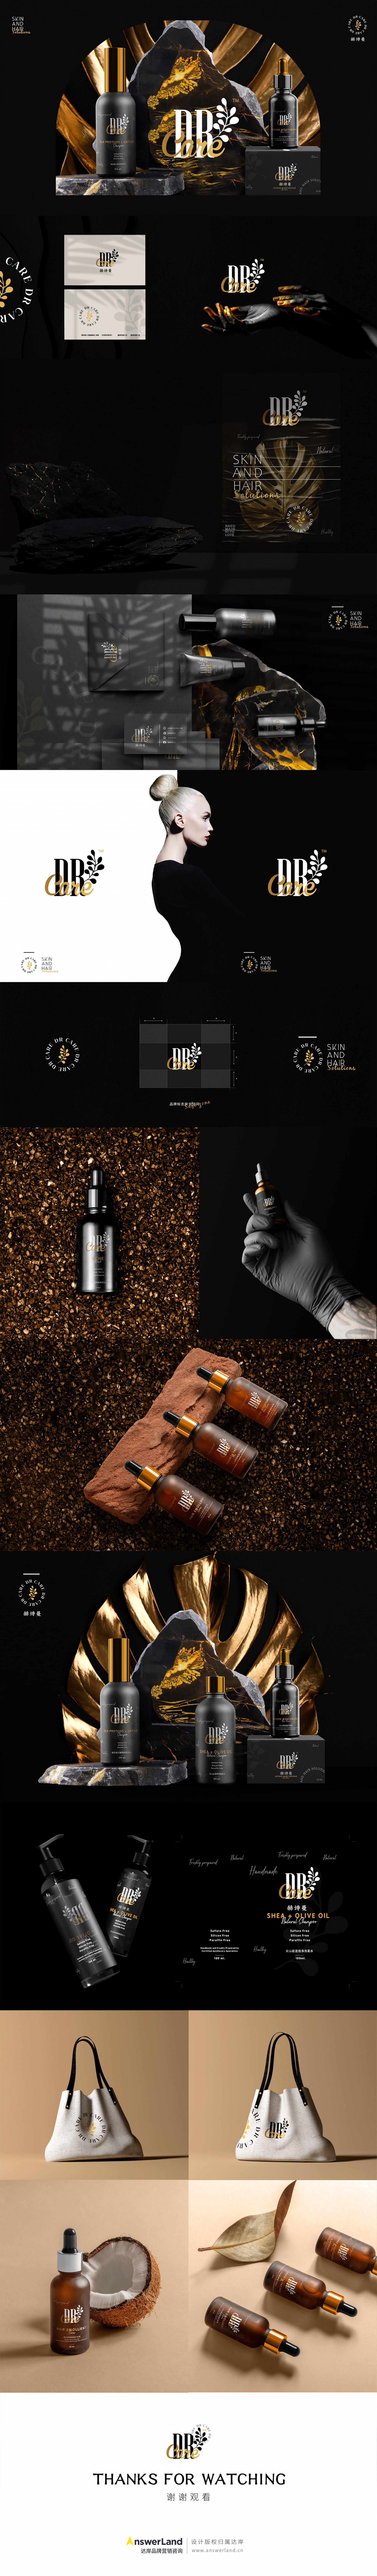 化妆品品牌设计-杭州品牌策划设计公司